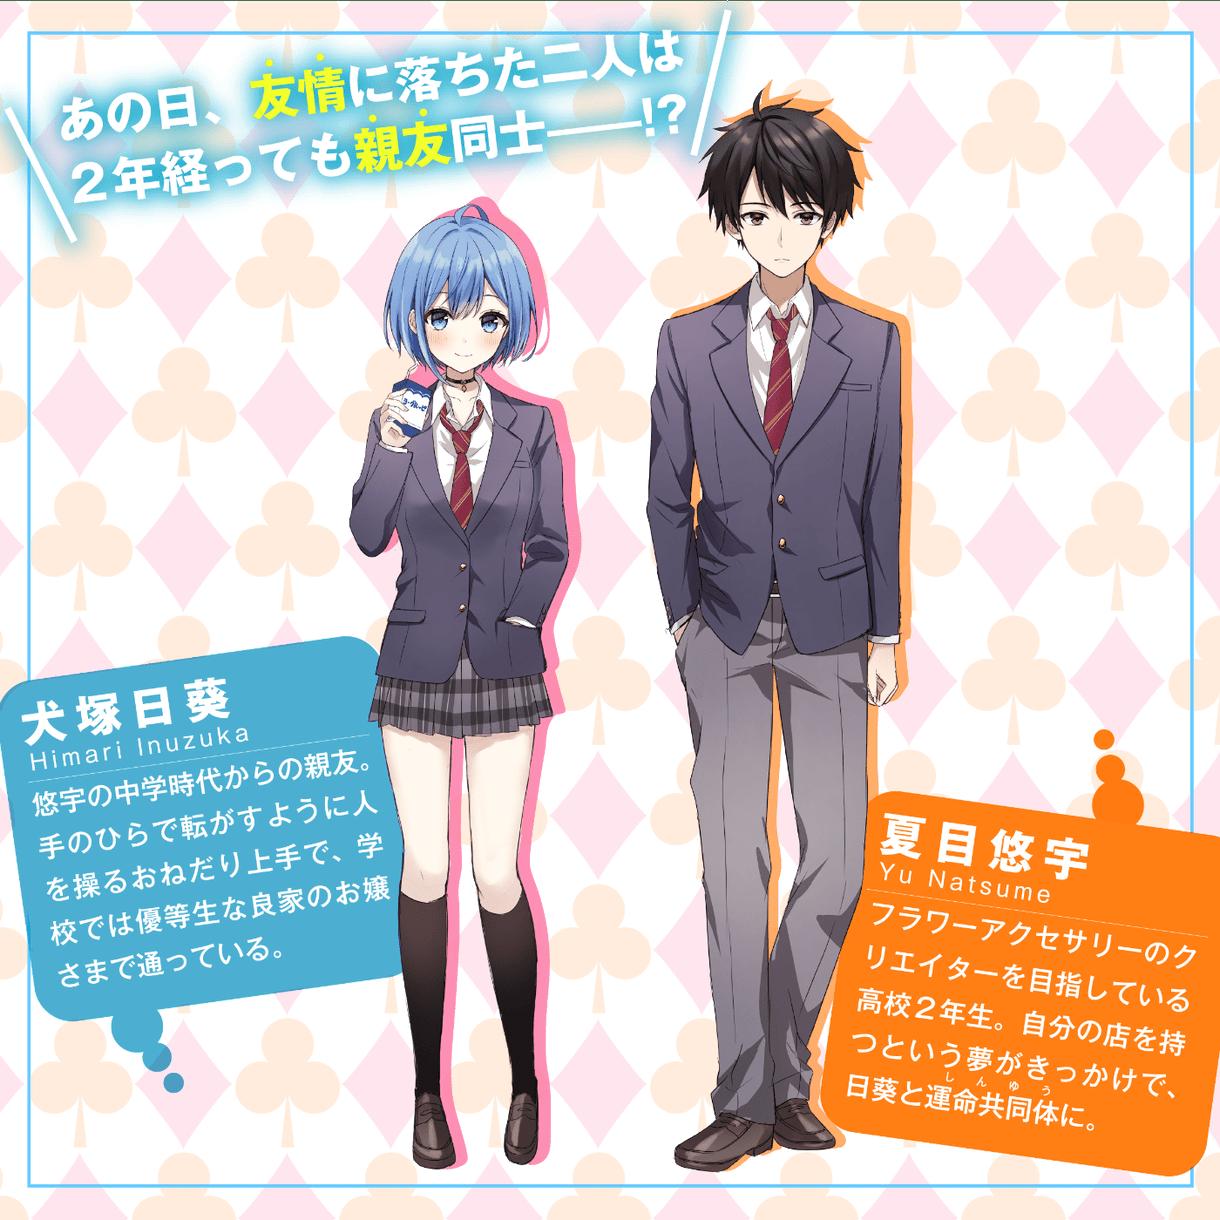 夏目悠宇/Yu Natsume 「あっ」 フラワーアクセサリーのクリエイターを目指している高校2年生。自分の店を持つという夢がきっかけで、日葵と運命共同体に。犬塚日葵/Himari Inuzuka 「いつもアタシの悠宇と遊んでくれてありがとねー?」 悠宇の中学時代からの親友。手のひらで転がすように人を操るおねだり上手で、学校では優等生な良家のお嬢さまで通っている。